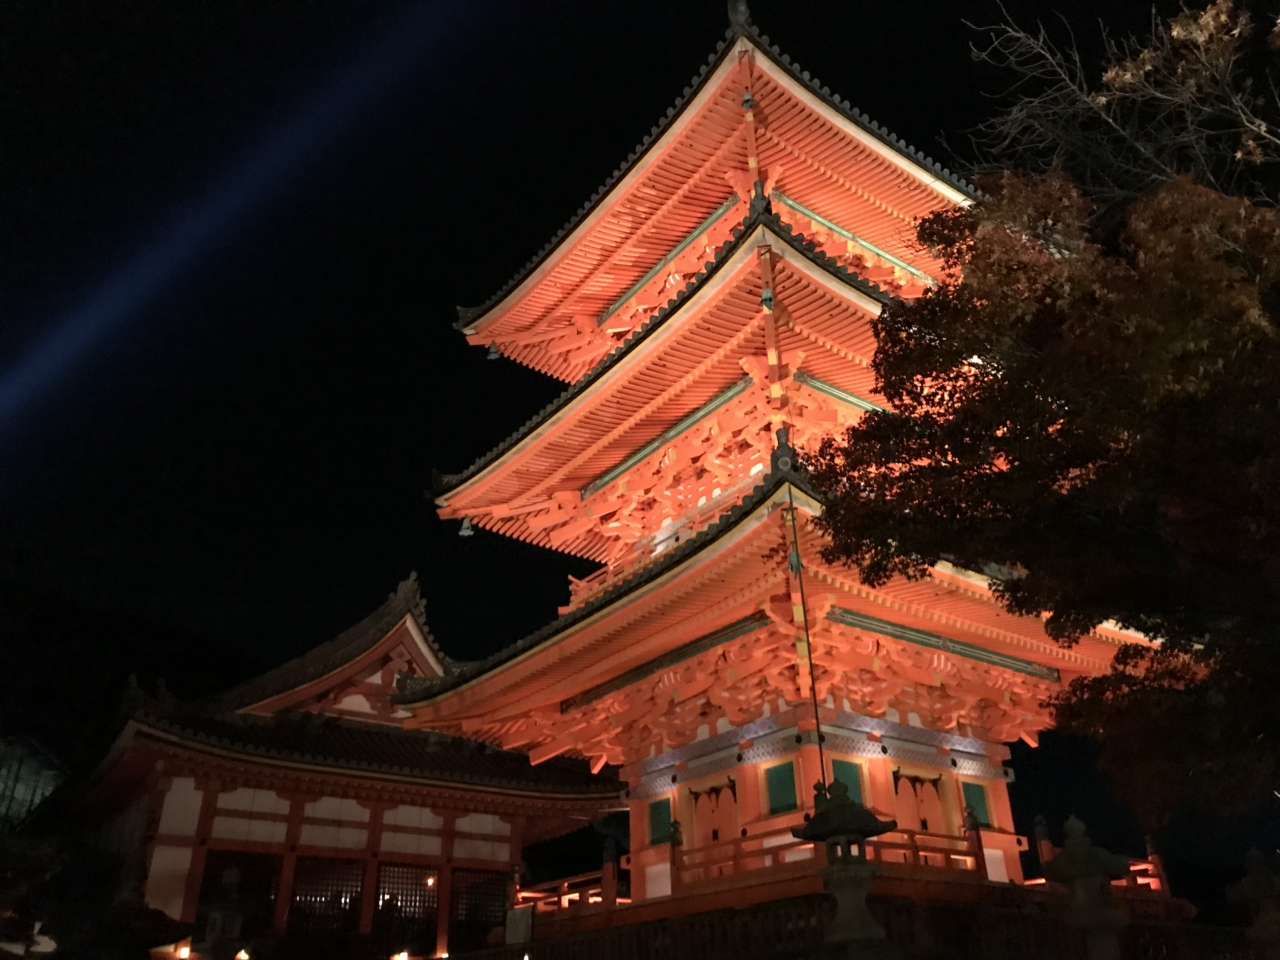 清水寺 紅葉 ライトアップ